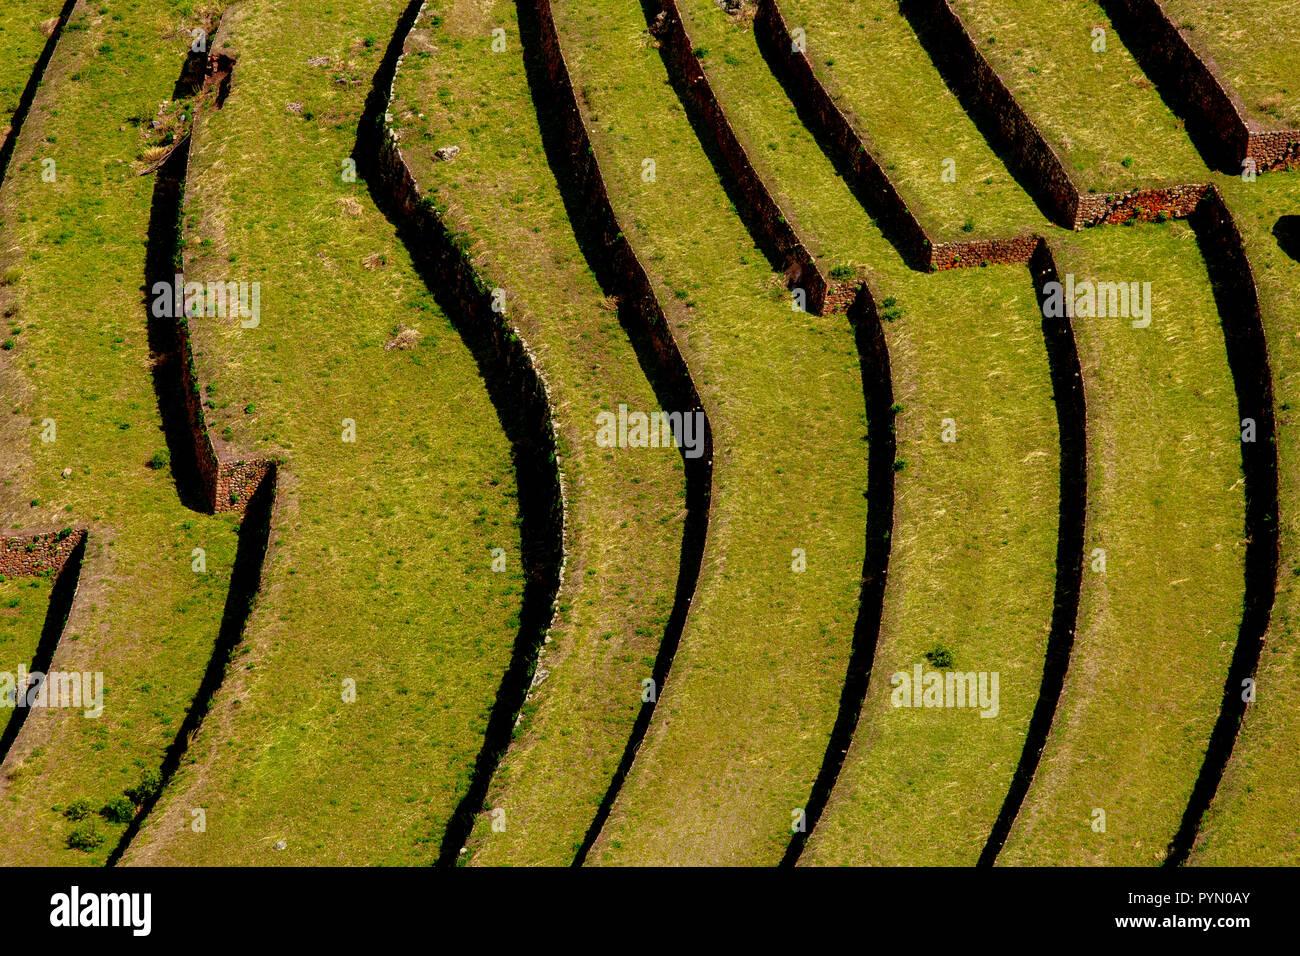 Altertümliche Anbaumethode der Inka für Lebensmittel , Terrassen , in Peru , Südamerika - Stock Image